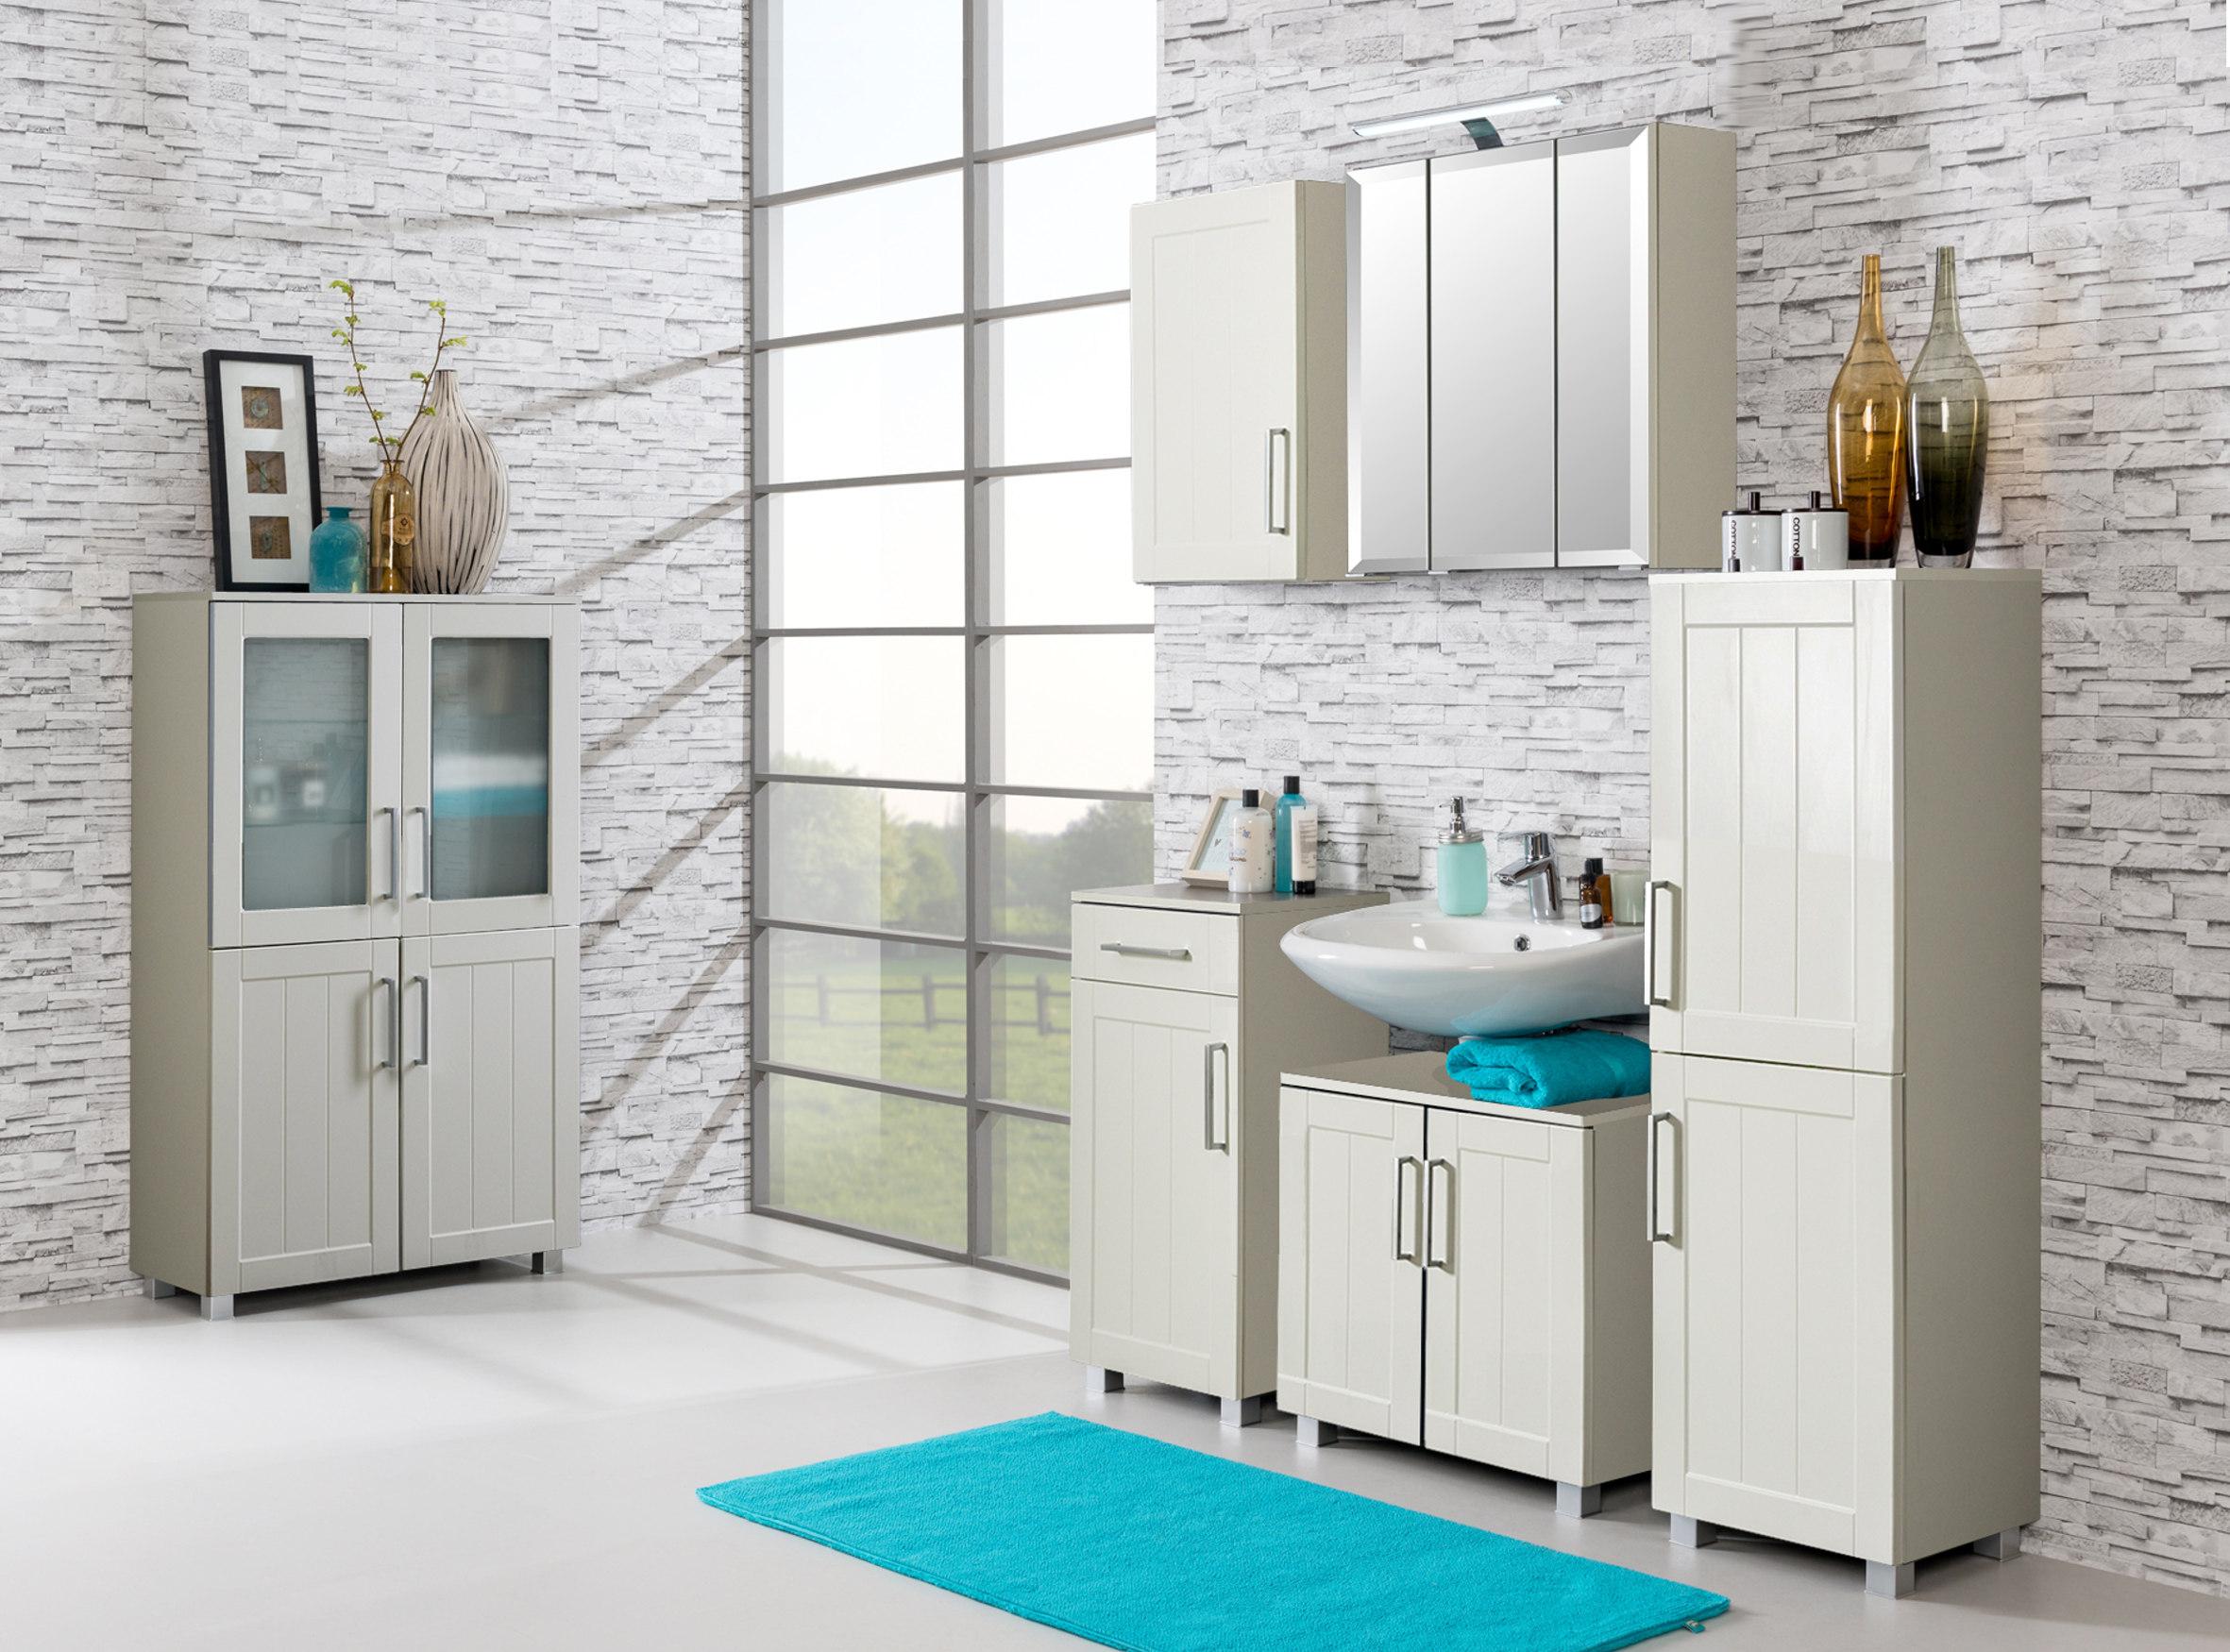 badm bel set barolo 7 teilig 220 cm breit wei matt bad badm belsets. Black Bedroom Furniture Sets. Home Design Ideas